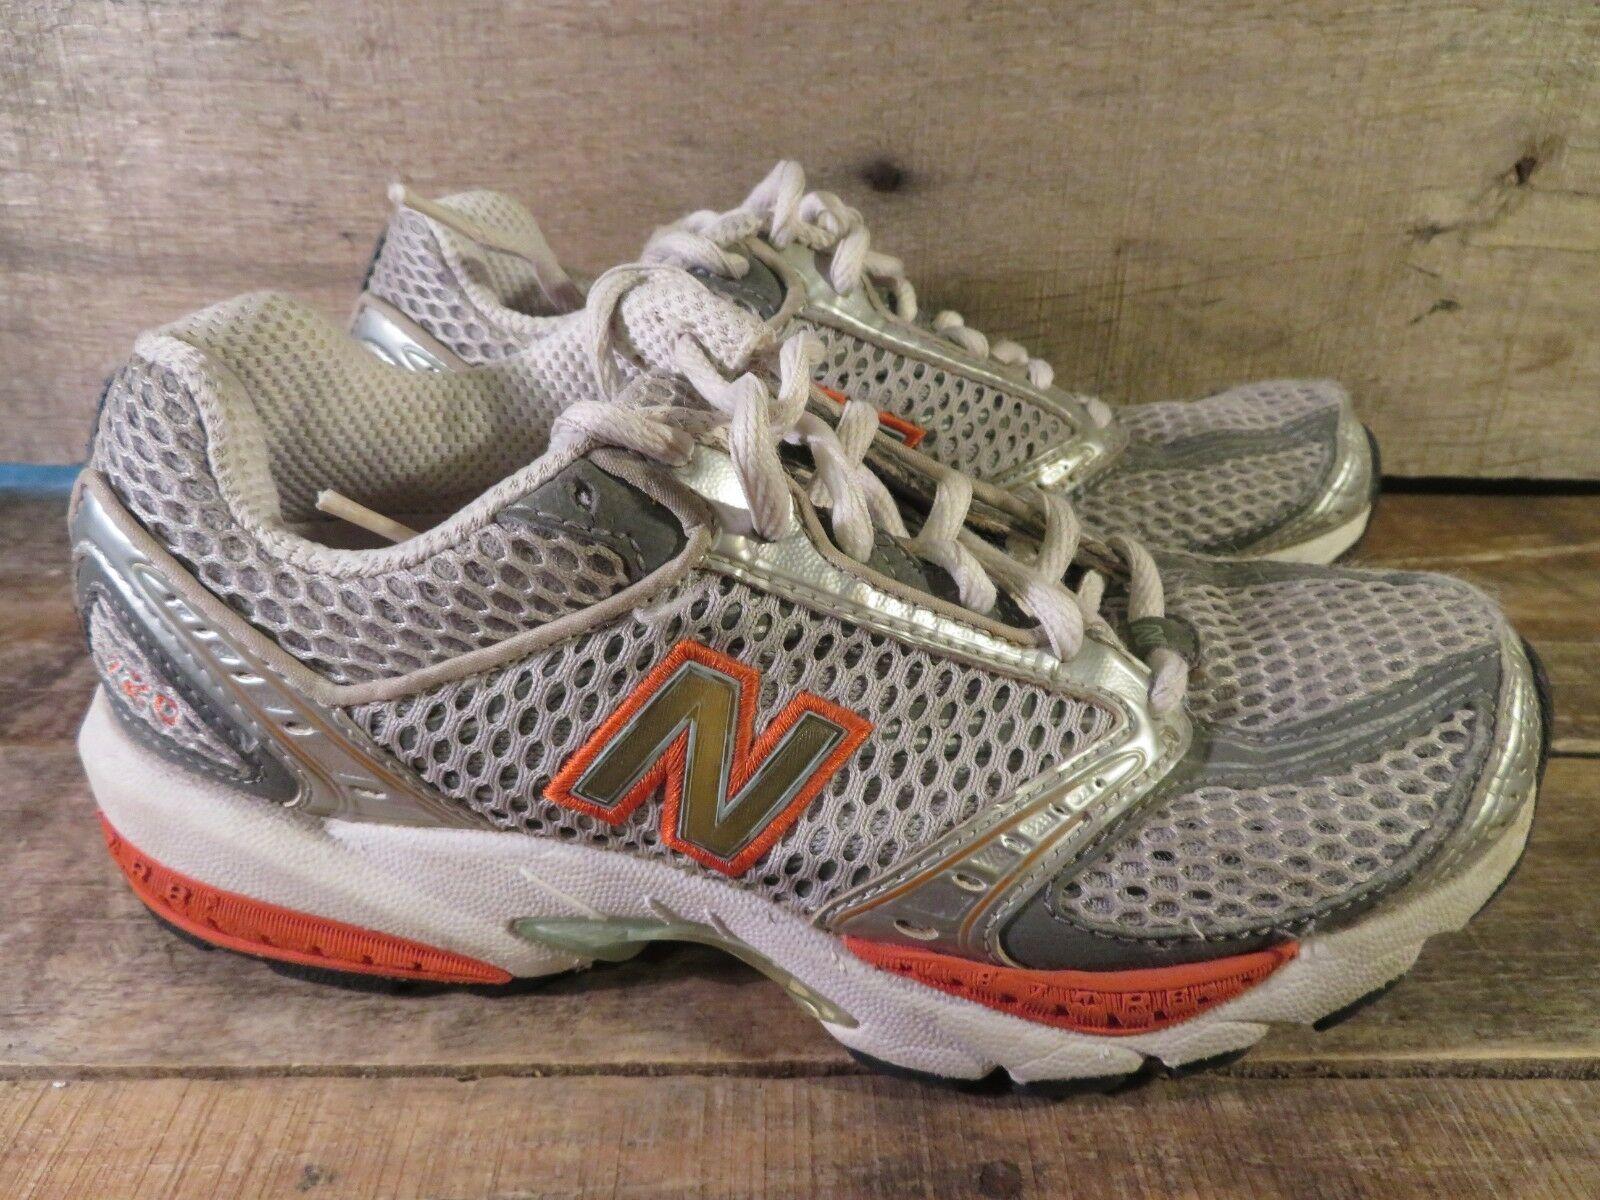 acheter en ligne 3e667 8de35 New Balance Shoes (2000s): 36 listings